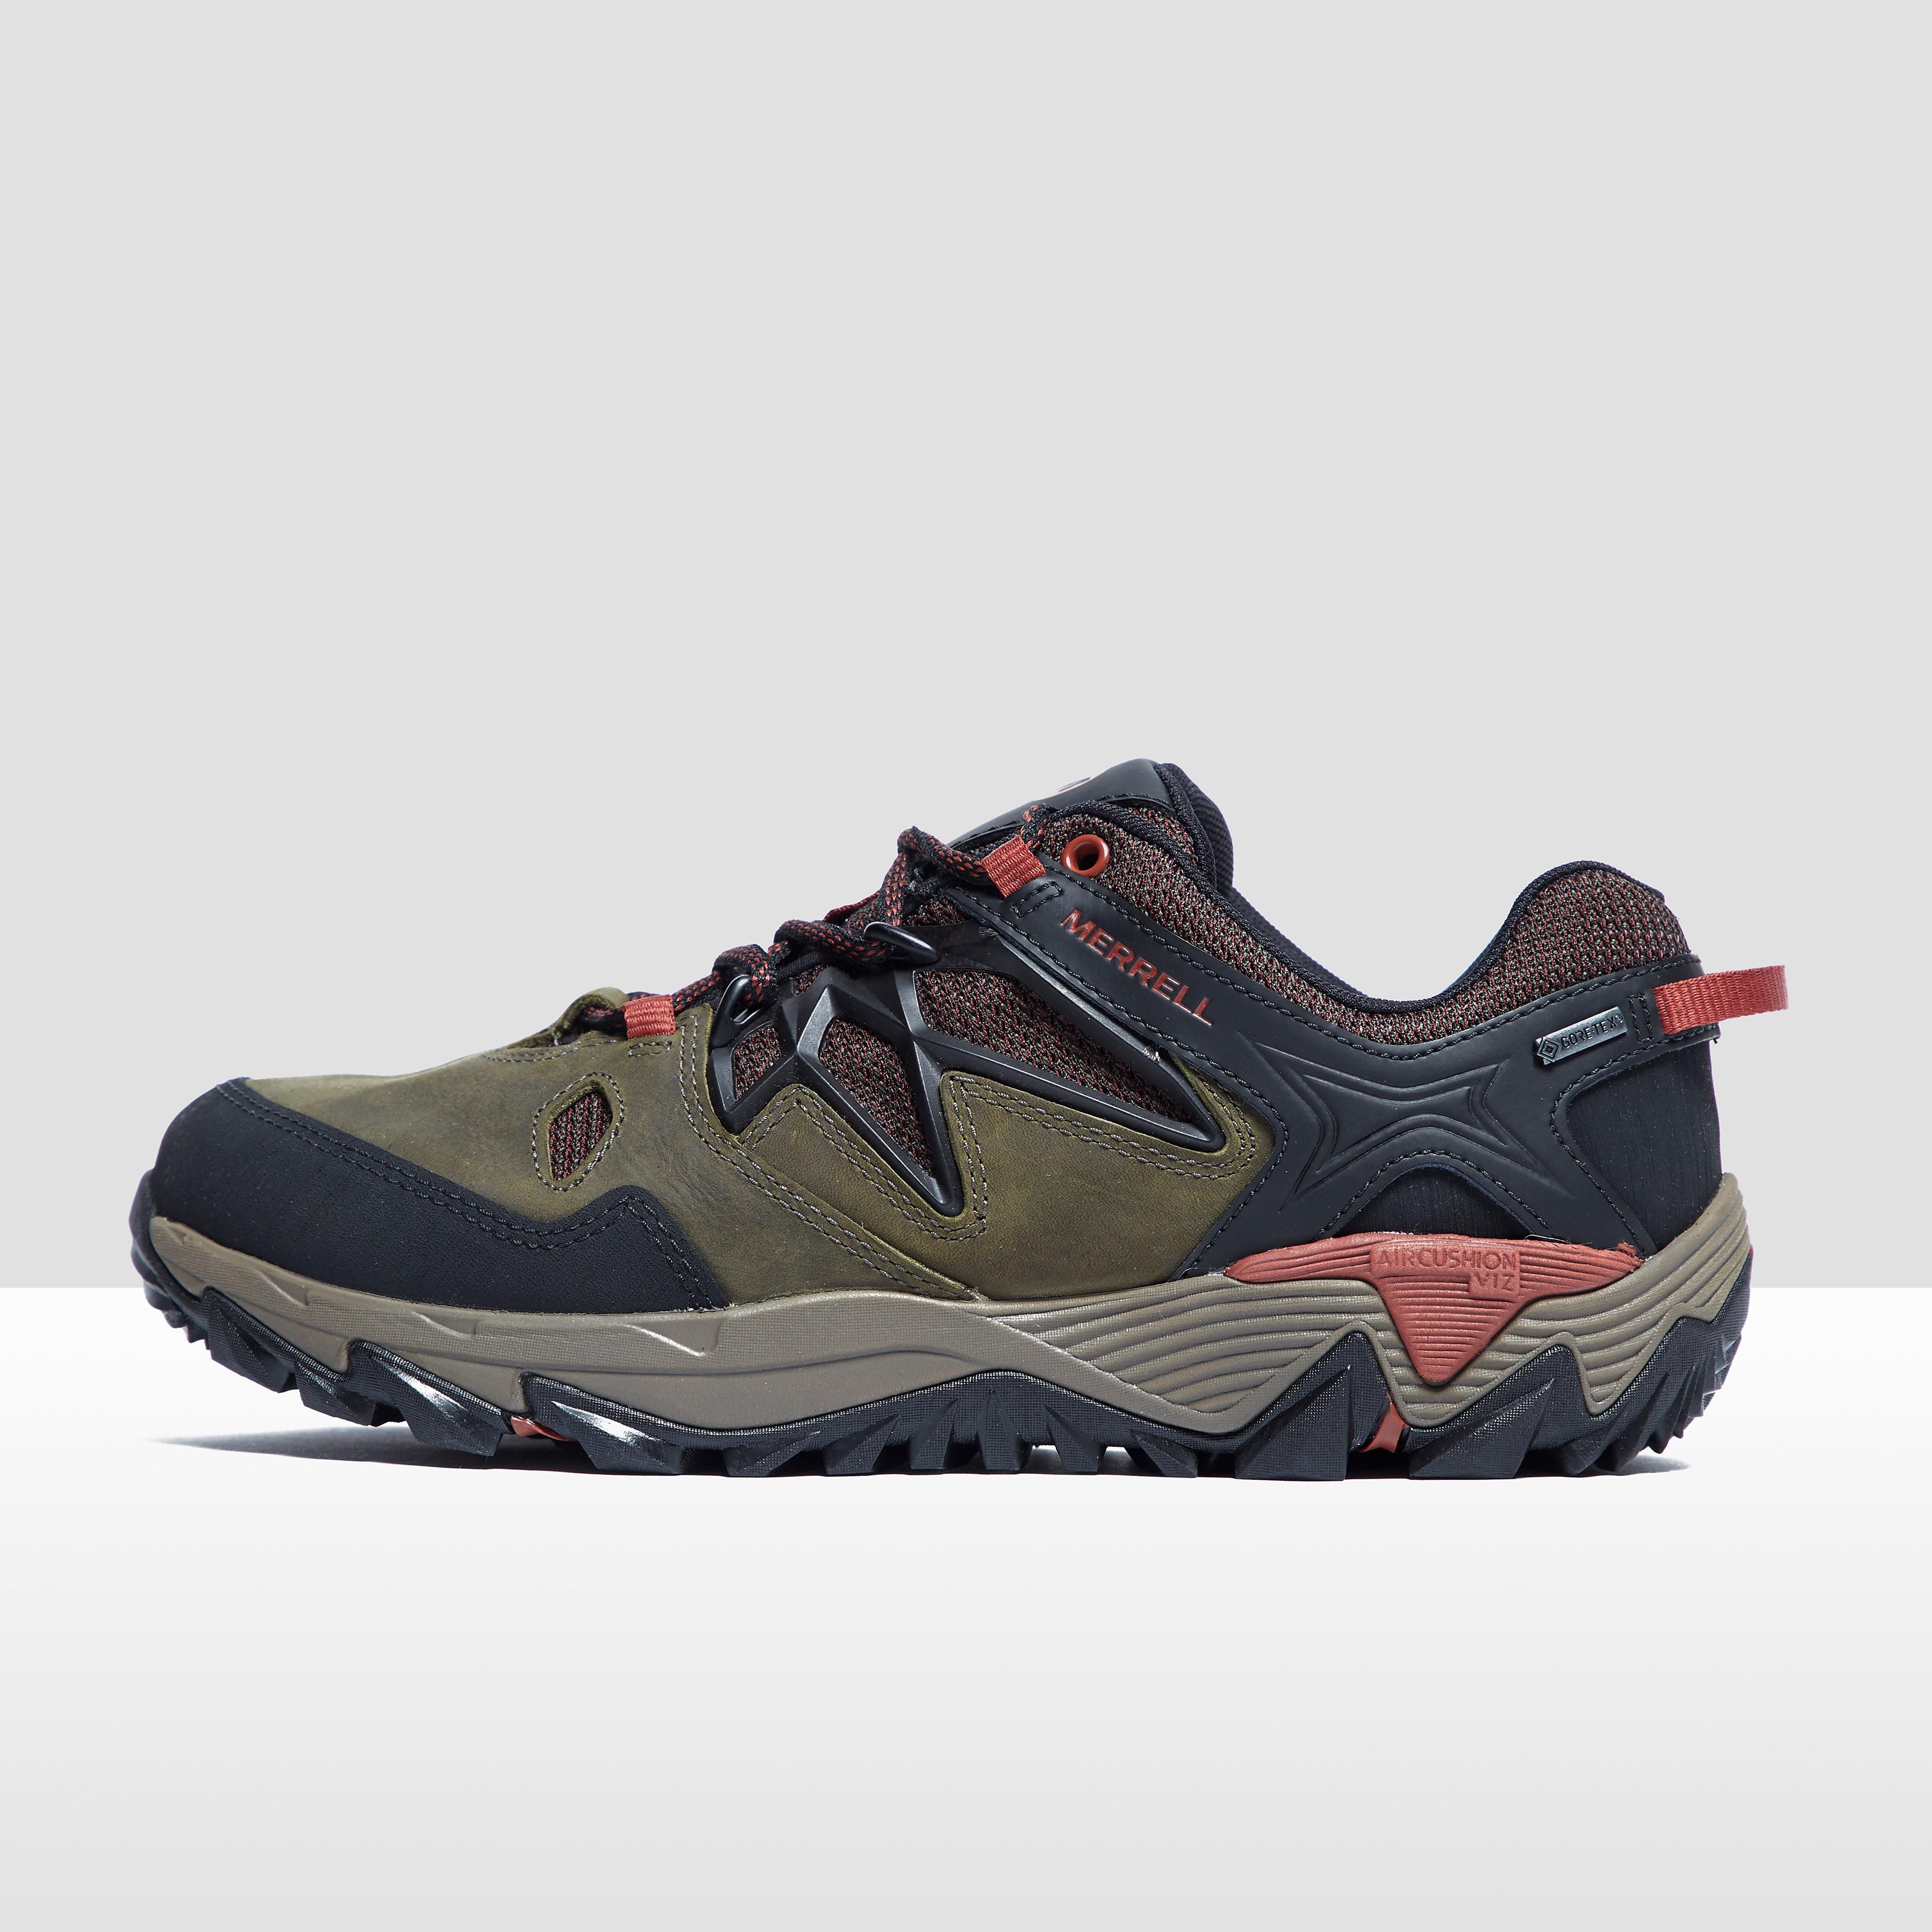 Merrell Merrell All Out Blaze 2 GTX Men's Hiking Shoe